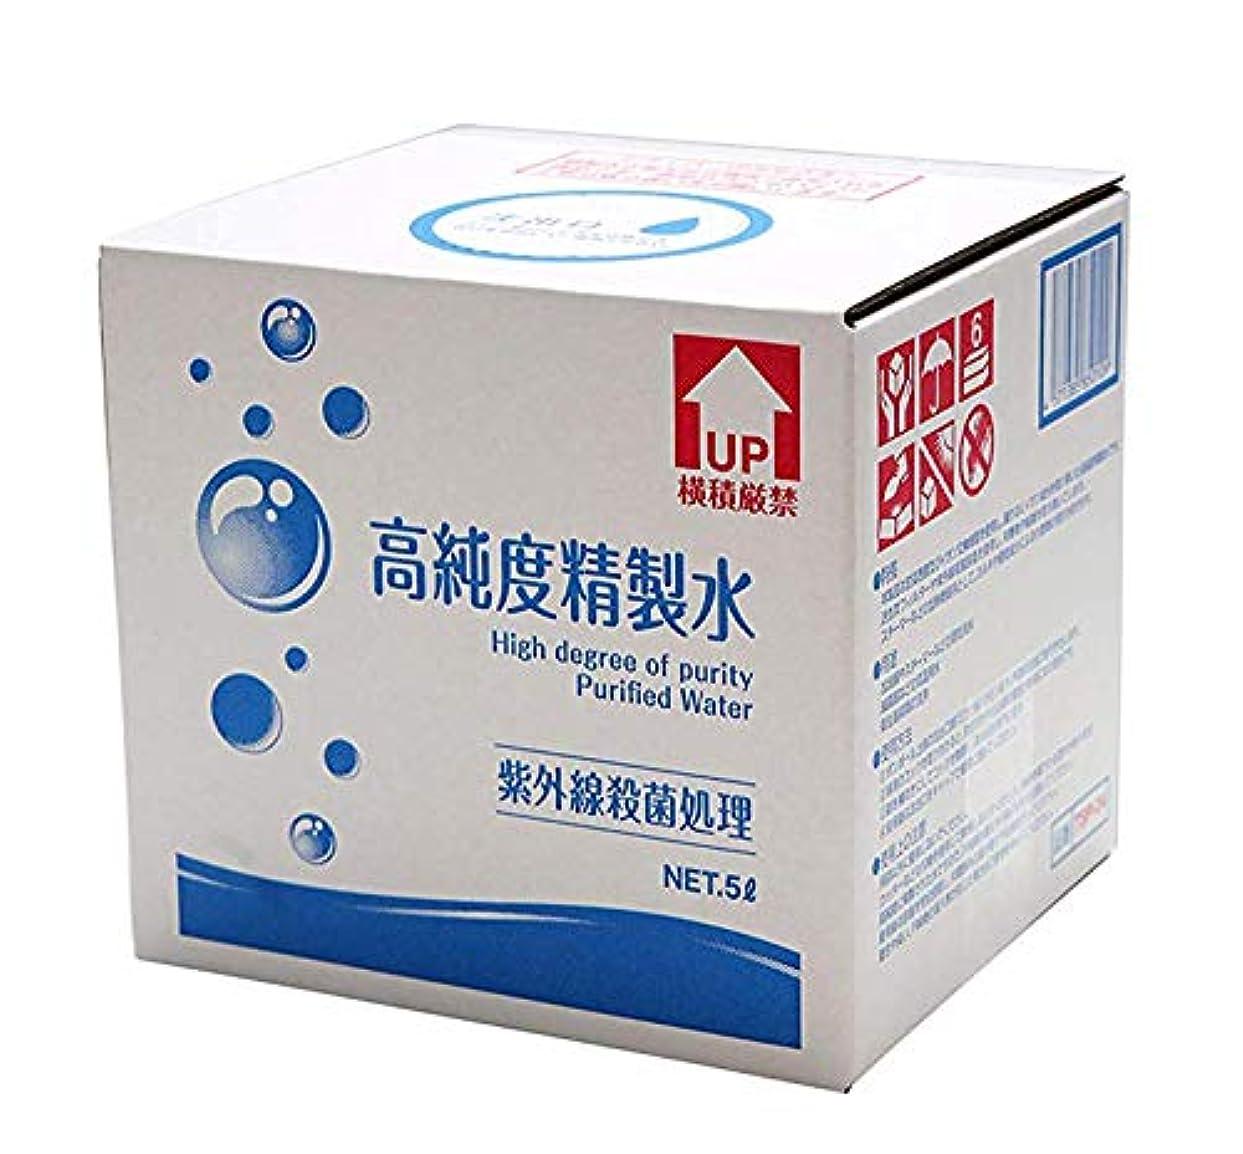 部門昼食ただやるサンエイ化学 高純度精製水 純水 5L×1箱 コックなし 【スチーマー 加湿器 CPAP 呼吸器 美顔器 エステ 歯科】